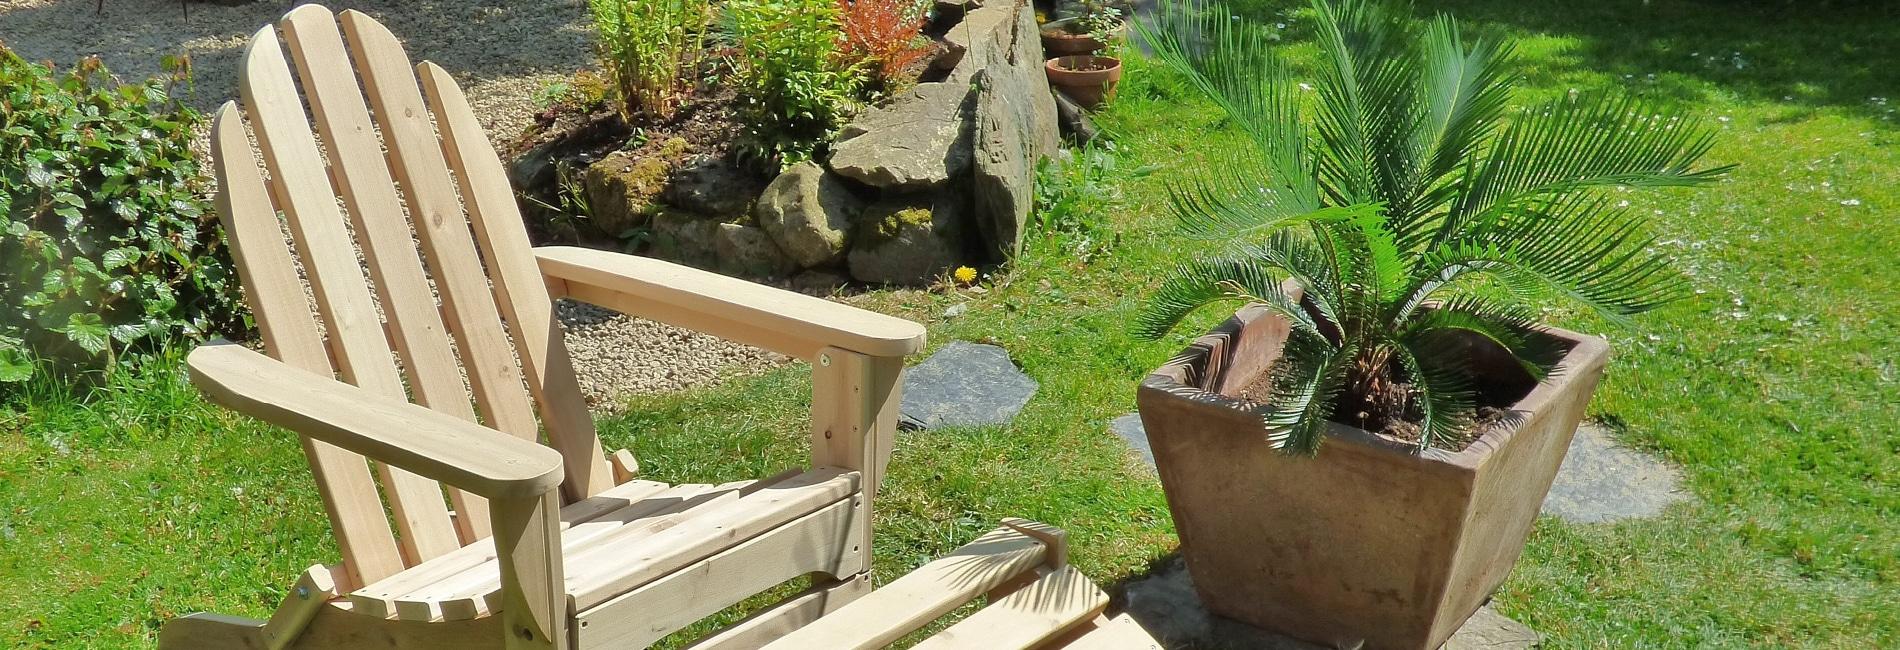 livraison gratuite mobilier de jardin en bois c dre et rondins. Black Bedroom Furniture Sets. Home Design Ideas